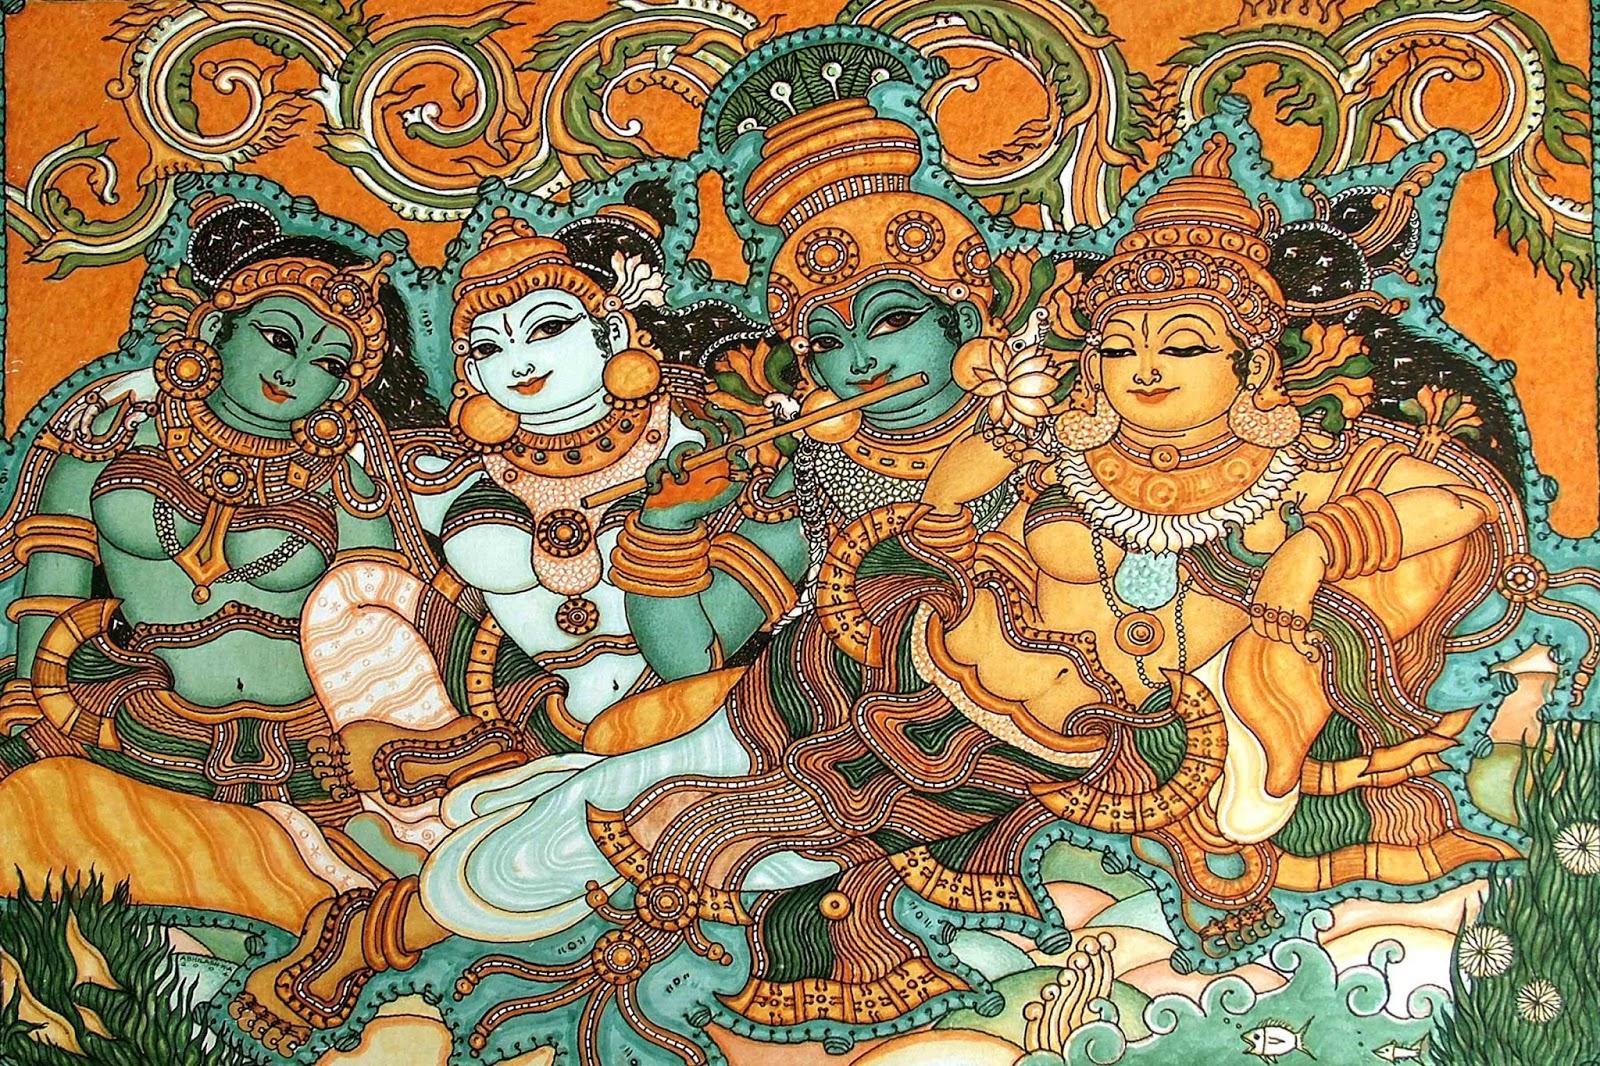 Indian Mural Art Designs : Heritage of India: Kerala Mural Paintings